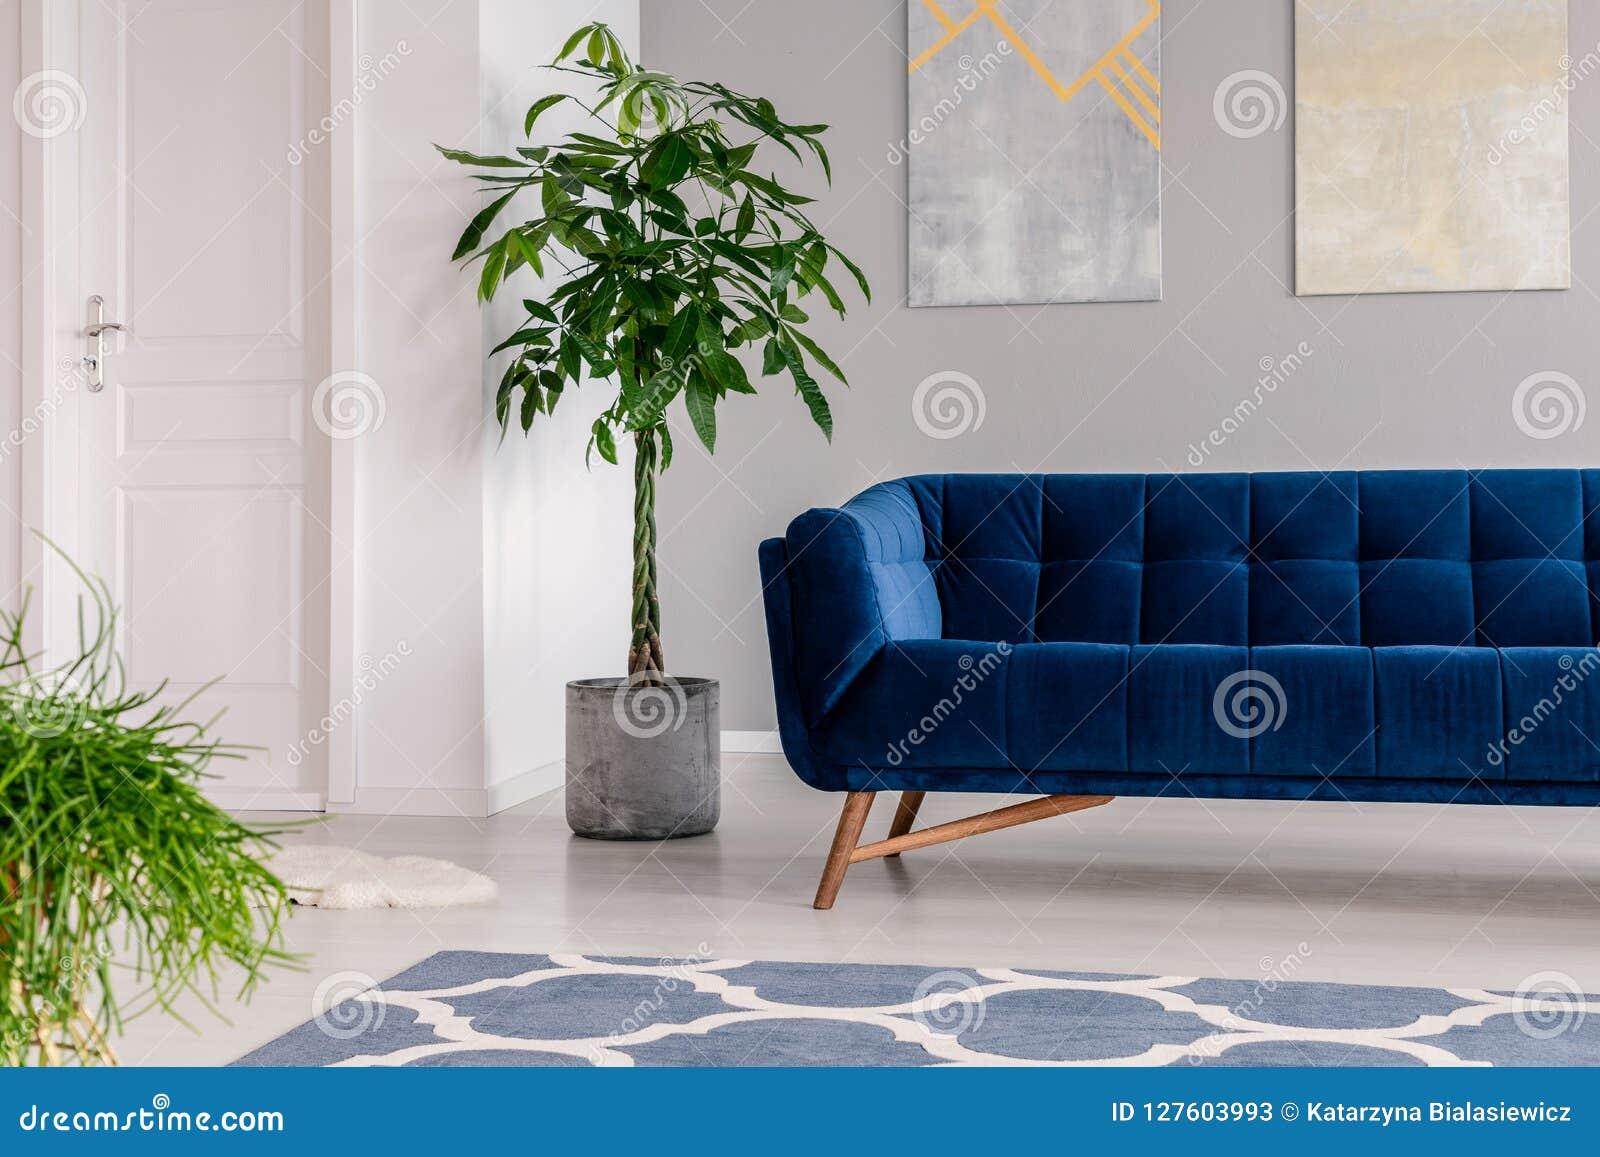 Интерьер зала ожидания в роскошной клинике обеспеченной с софой бархата синей, половиком и зелеными растениями Реальное фото